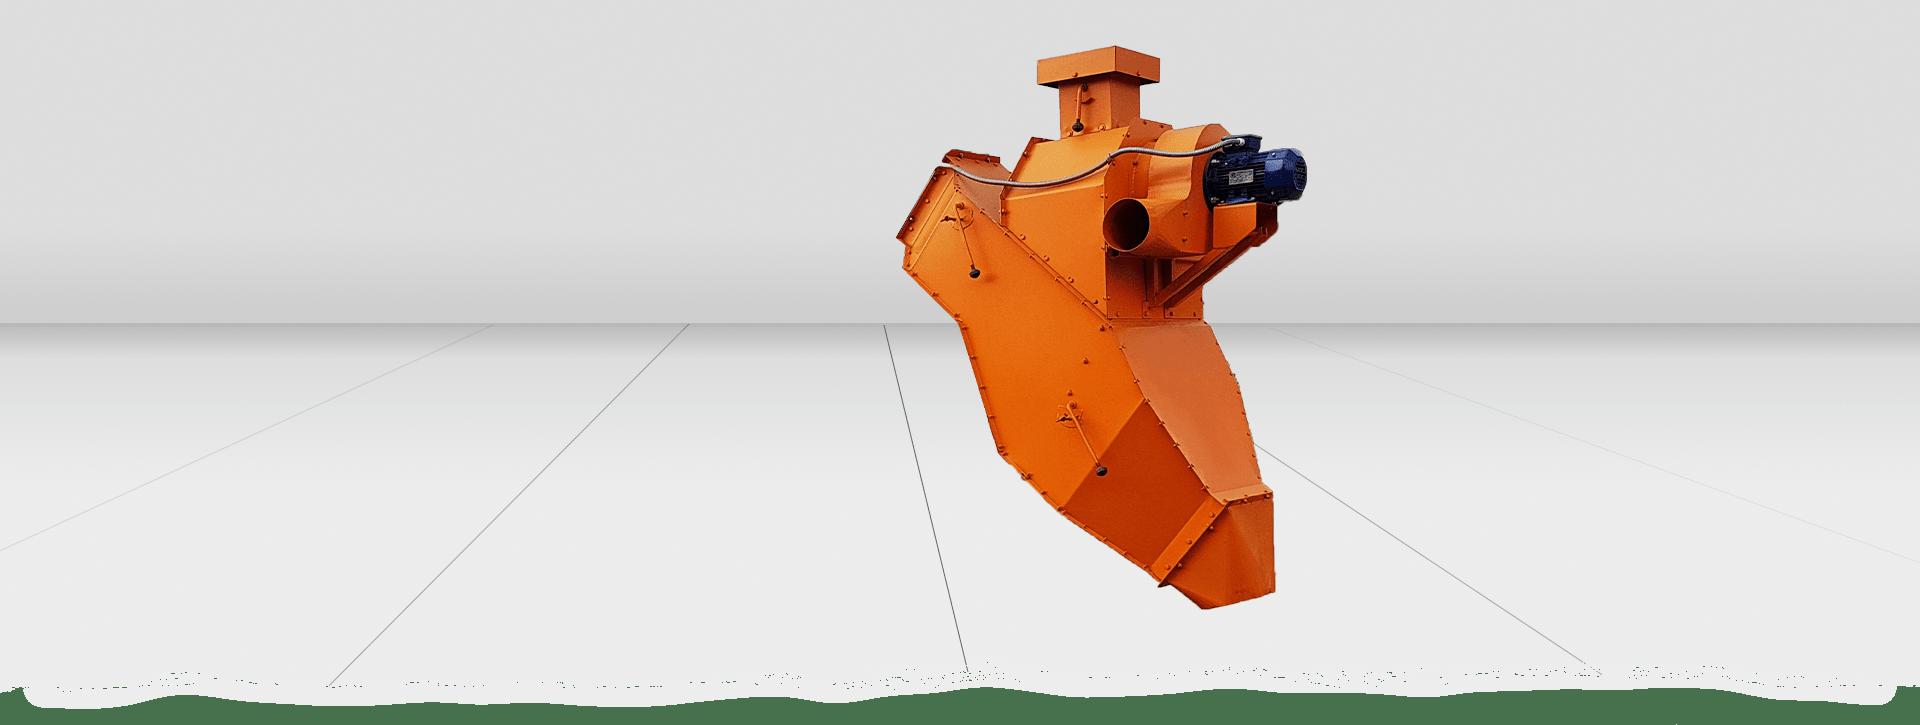 Сепаратор воздушный ВС-60 для очистки любого зерна от легких примесей и пыли